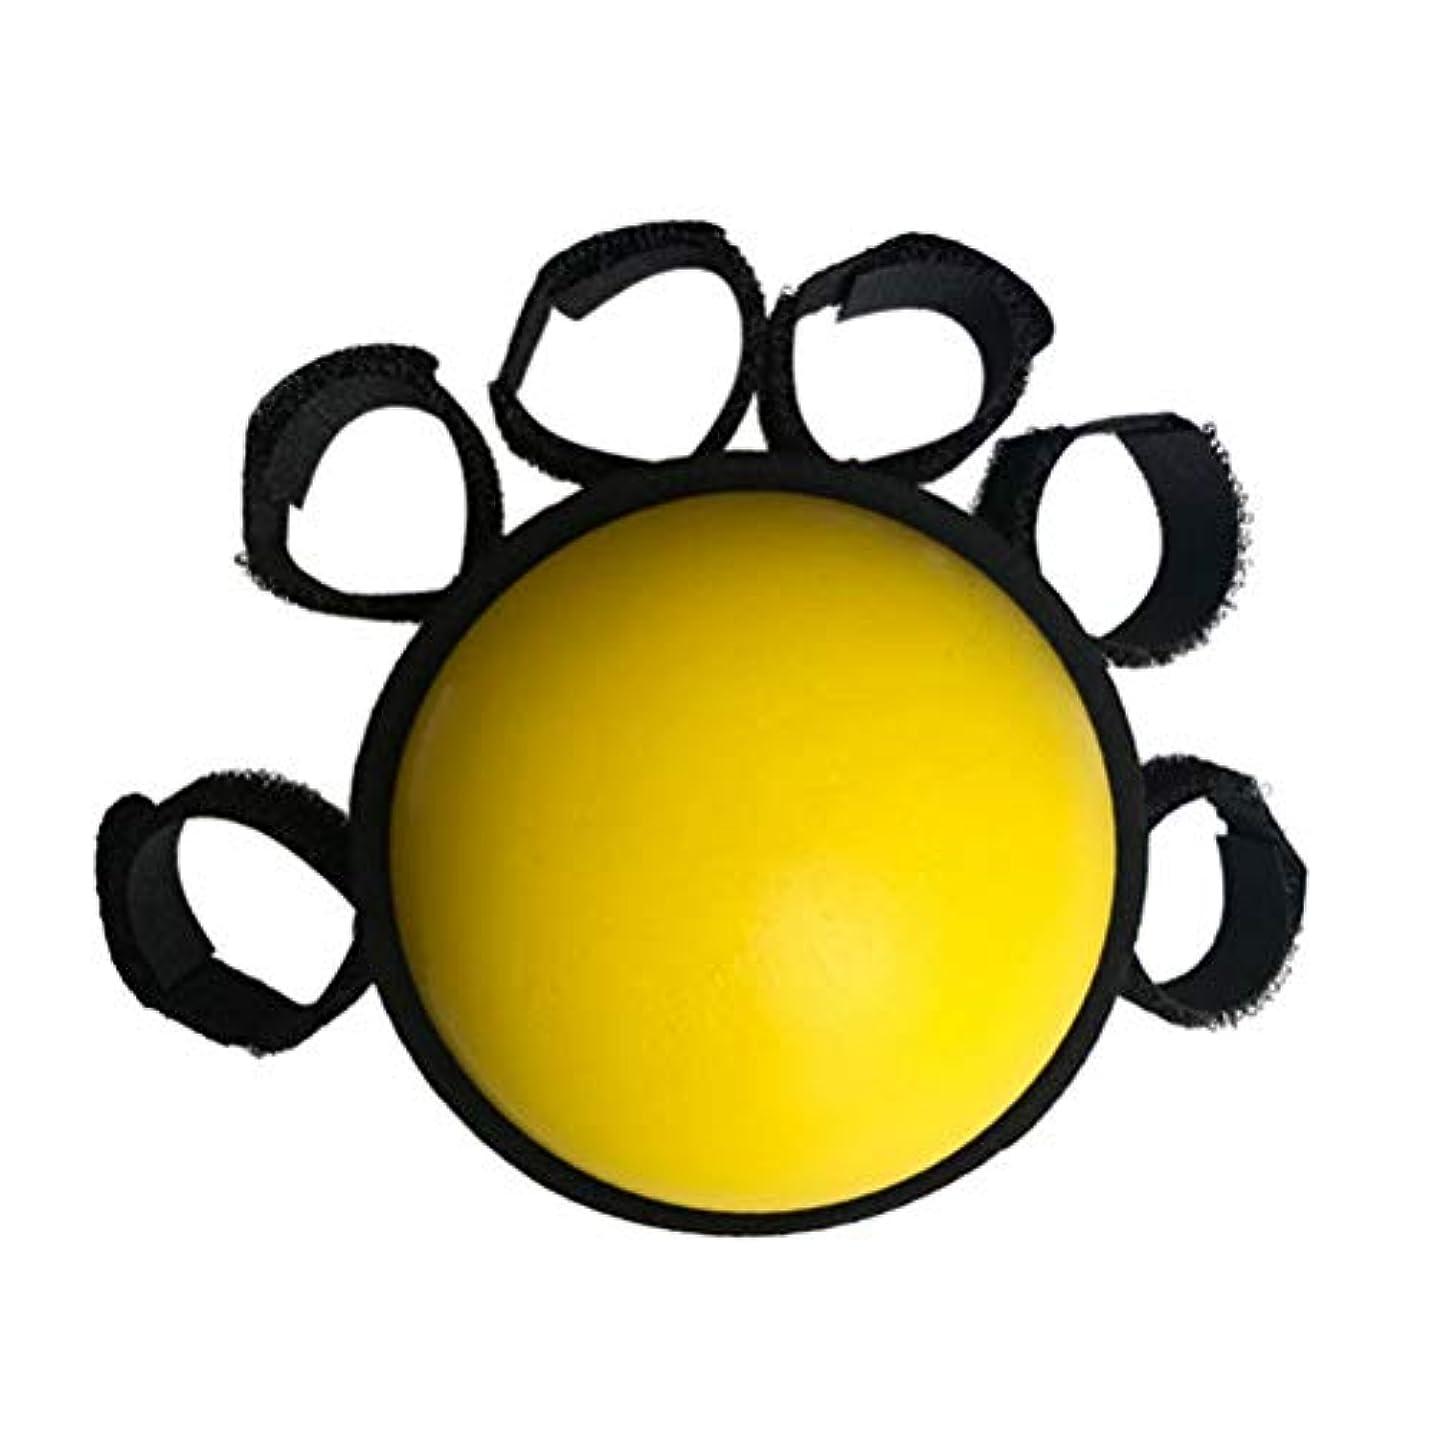 直径消毒剤詩LIOOBO ハンドグリップ強化トレーニングワークアウトグリップ強度トレーナー指強化ボール用筋肉強化トレーニングツール関節炎指ハンドリハビリテーション